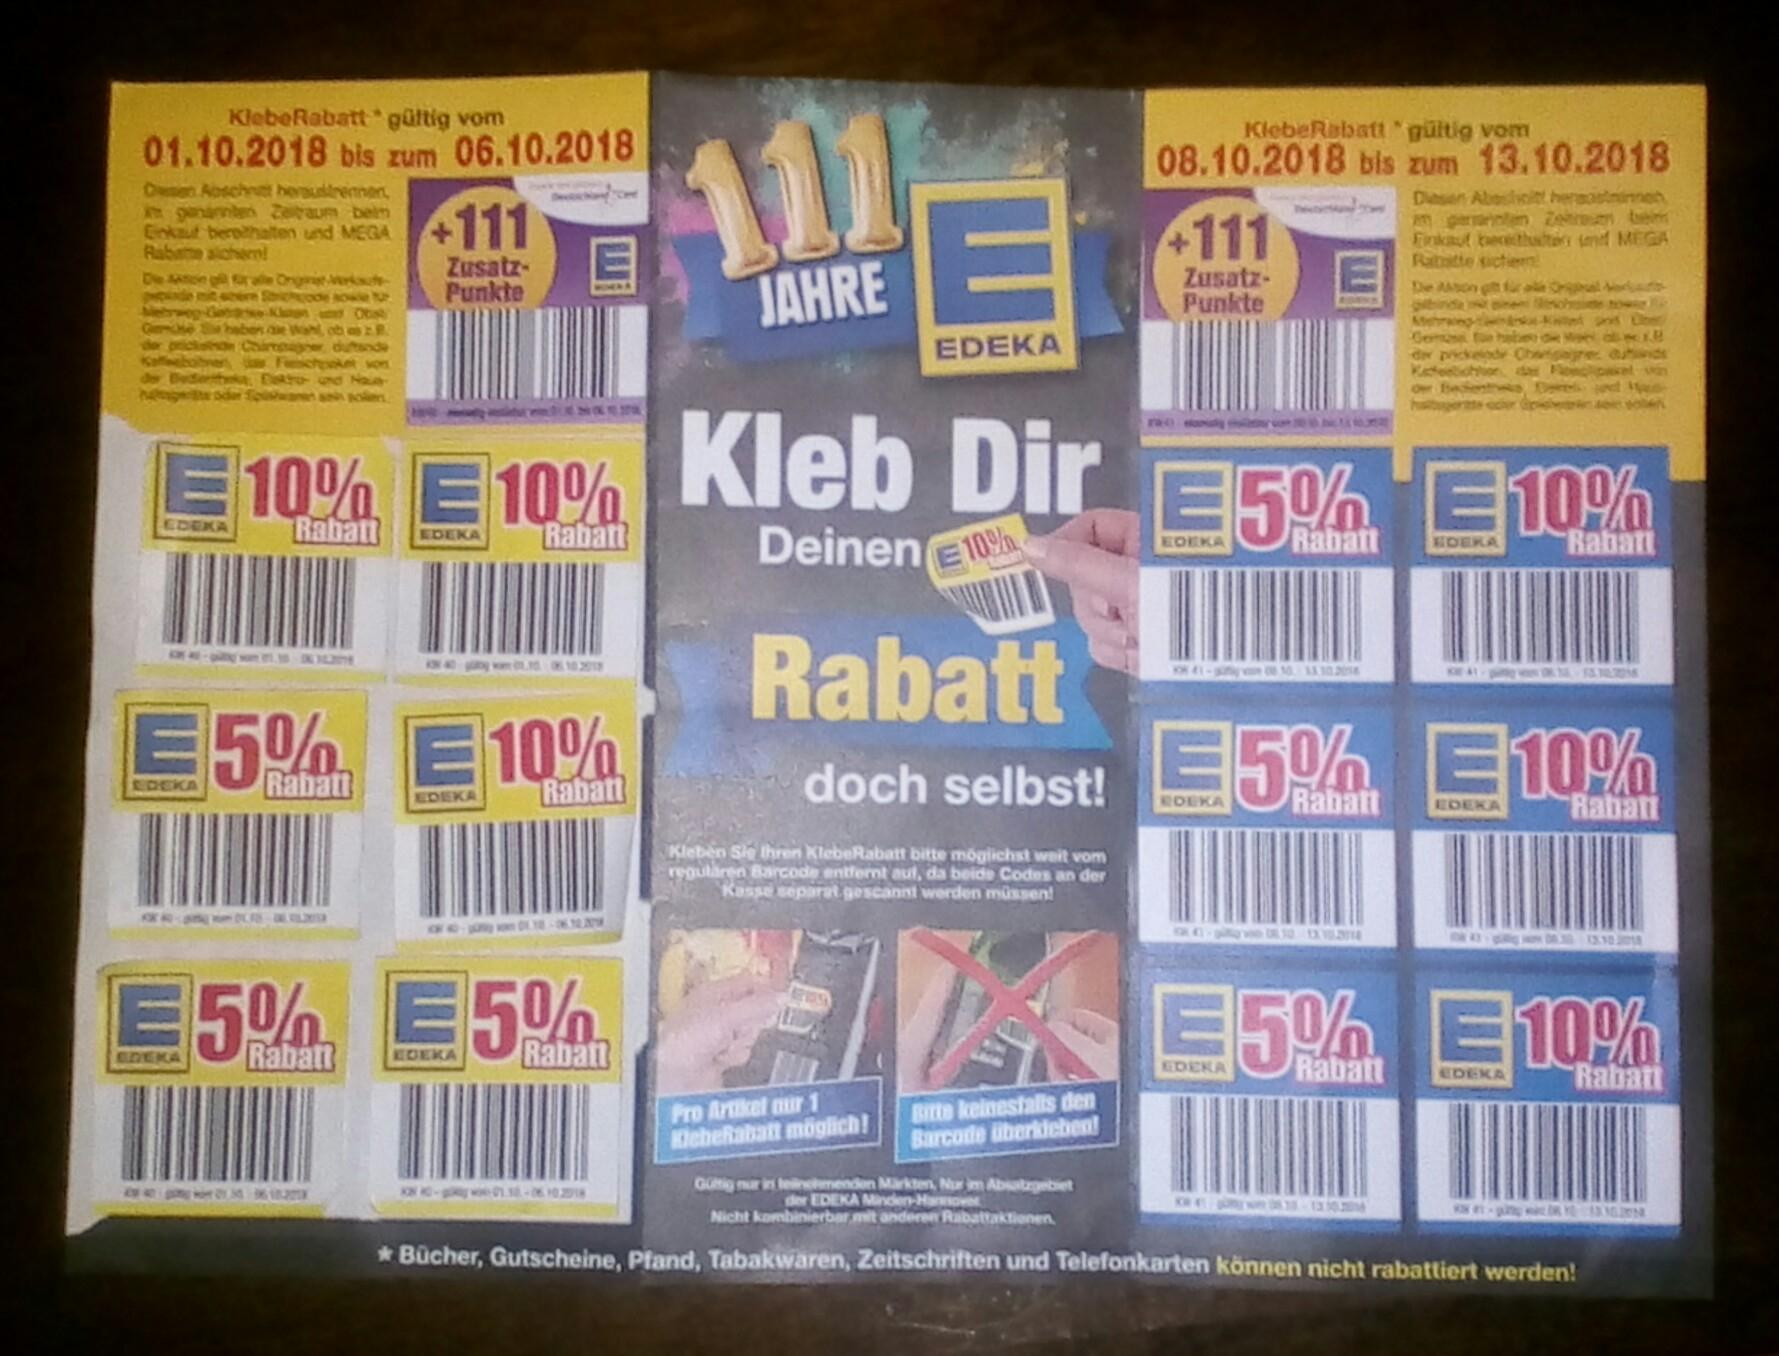 Edeka Minden-Hannover Rabattkleber & 2×111 Deutschlandcard Punkte gratis